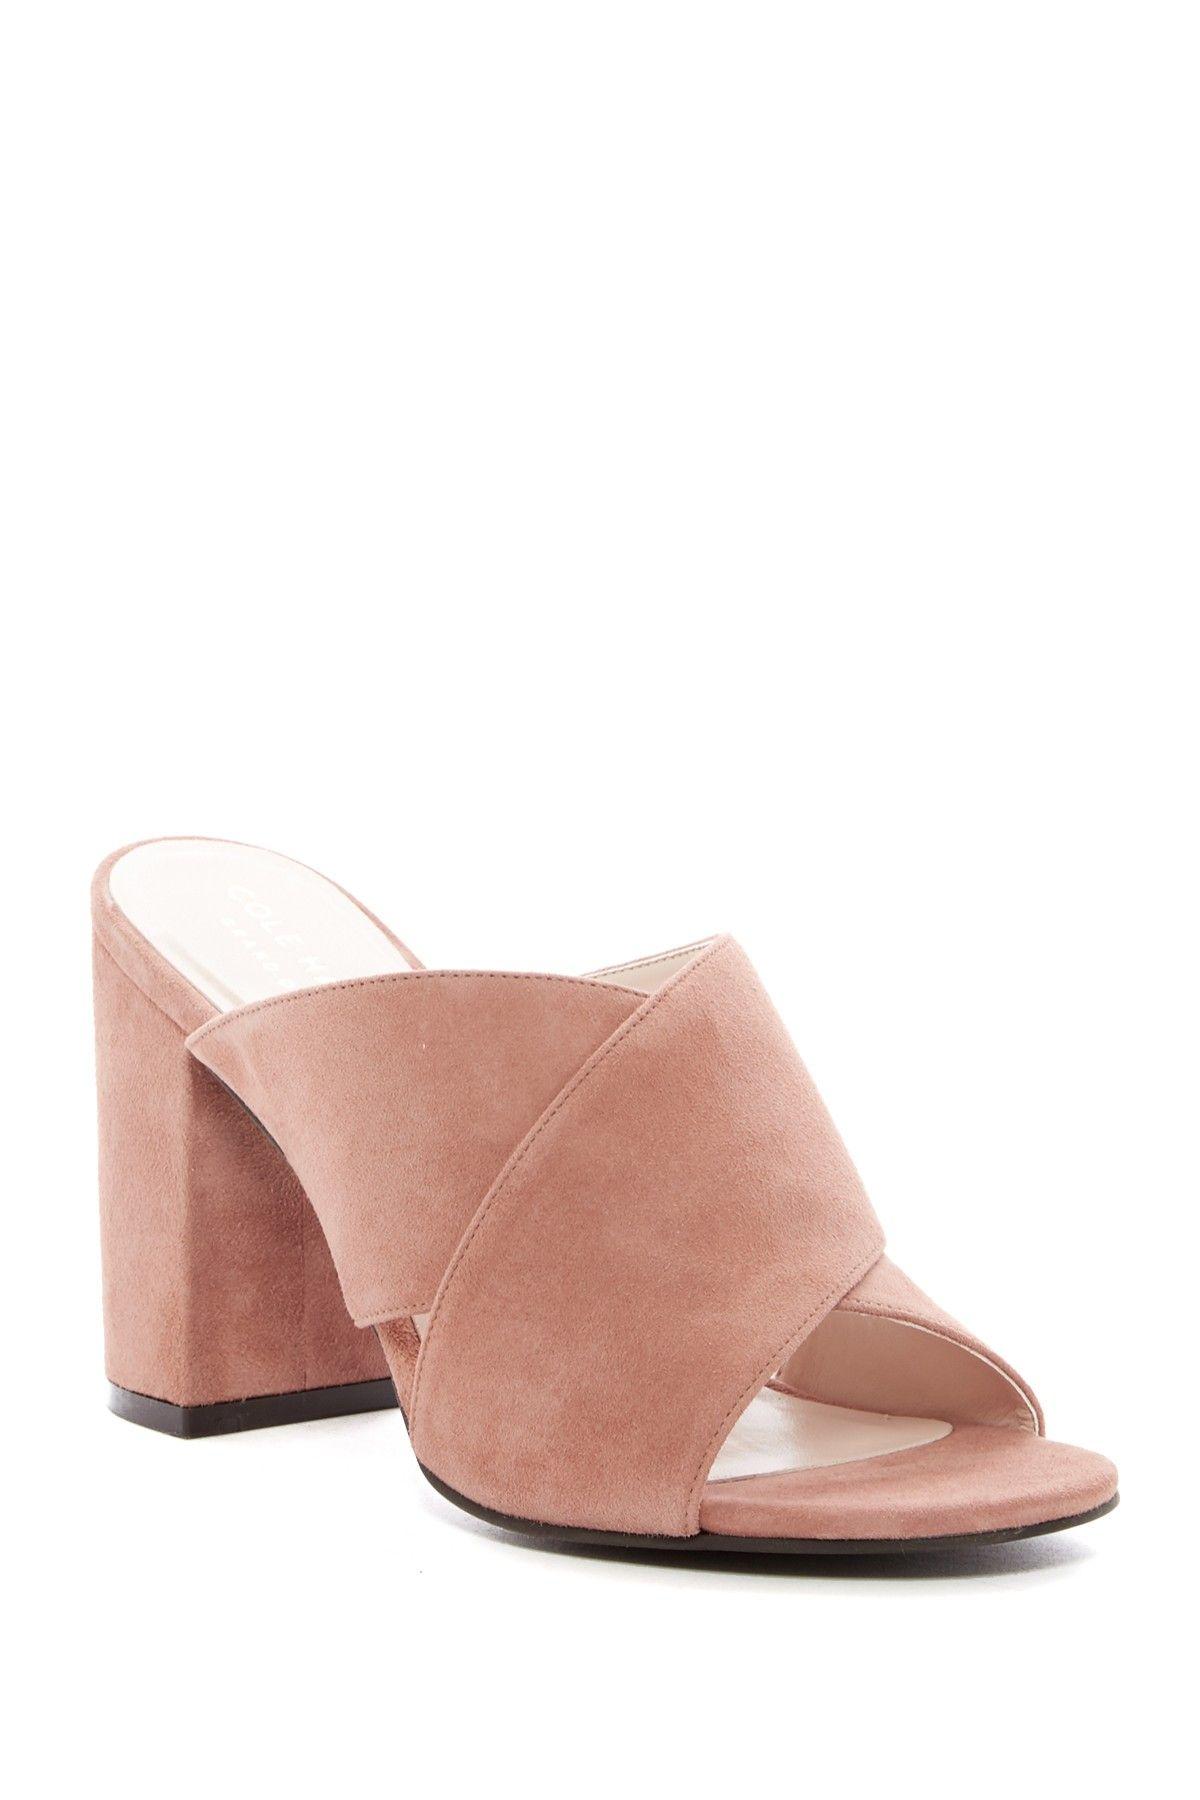 629fe1d8853 Gabby Mule Sandals